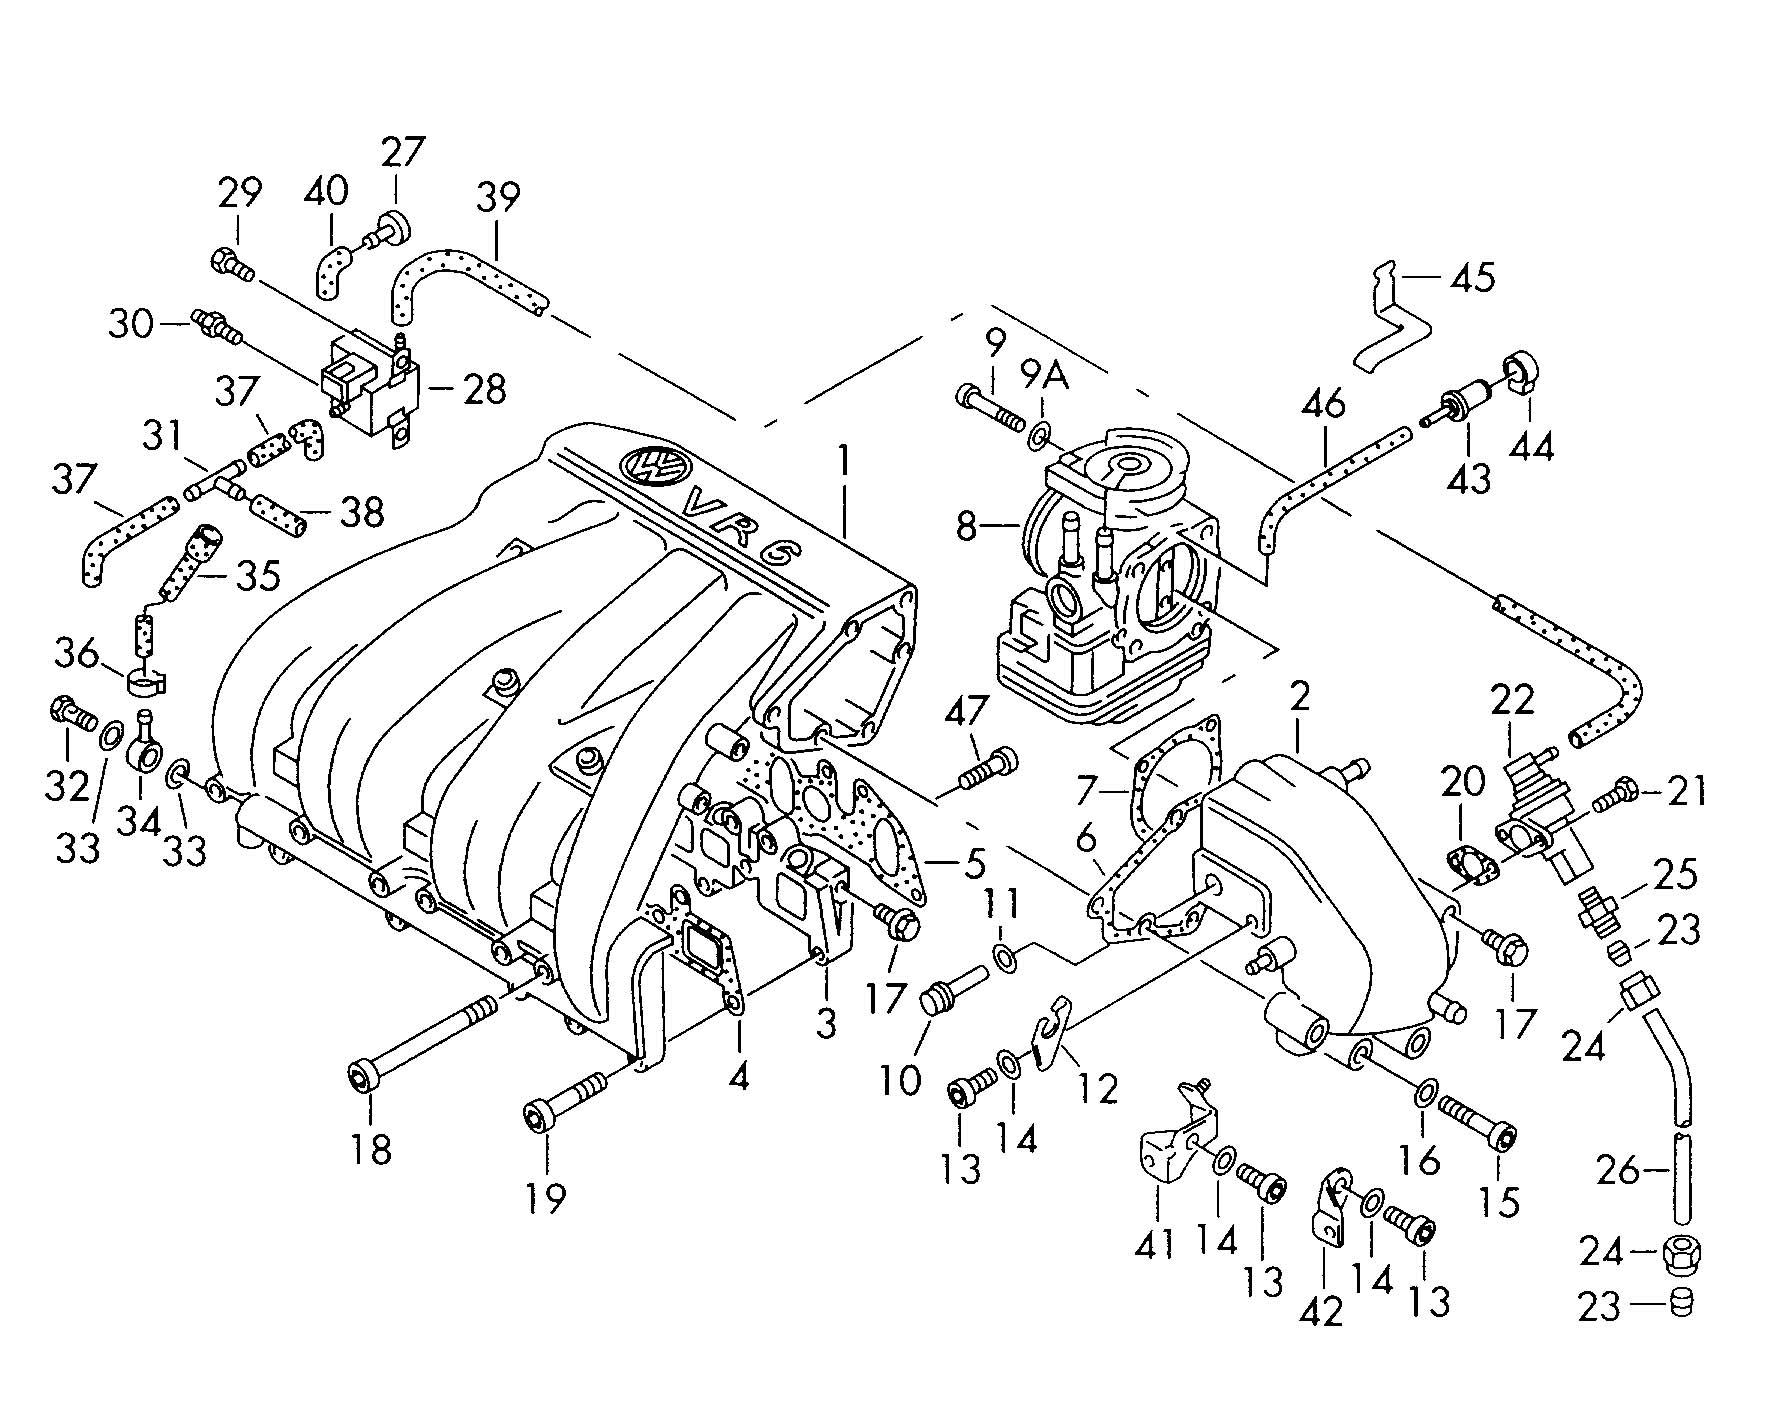 1996 Volkswagen Pat Wiring Diagrams. Volkswagen. Auto